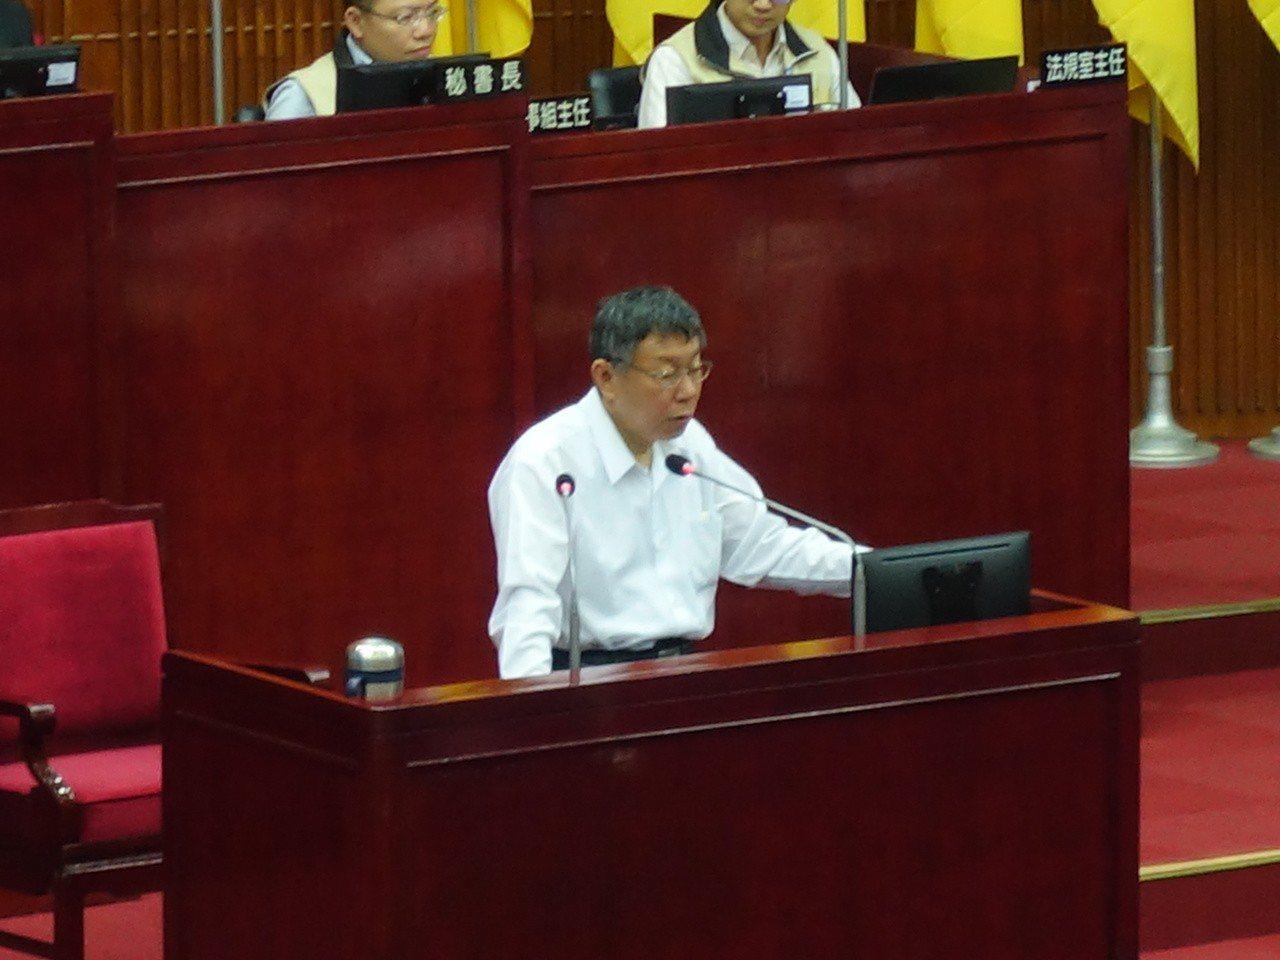 台北市長柯文哲今赴議會專案報告時,雙城論壇也成為議員關心焦點之一,對於今年雙城論...